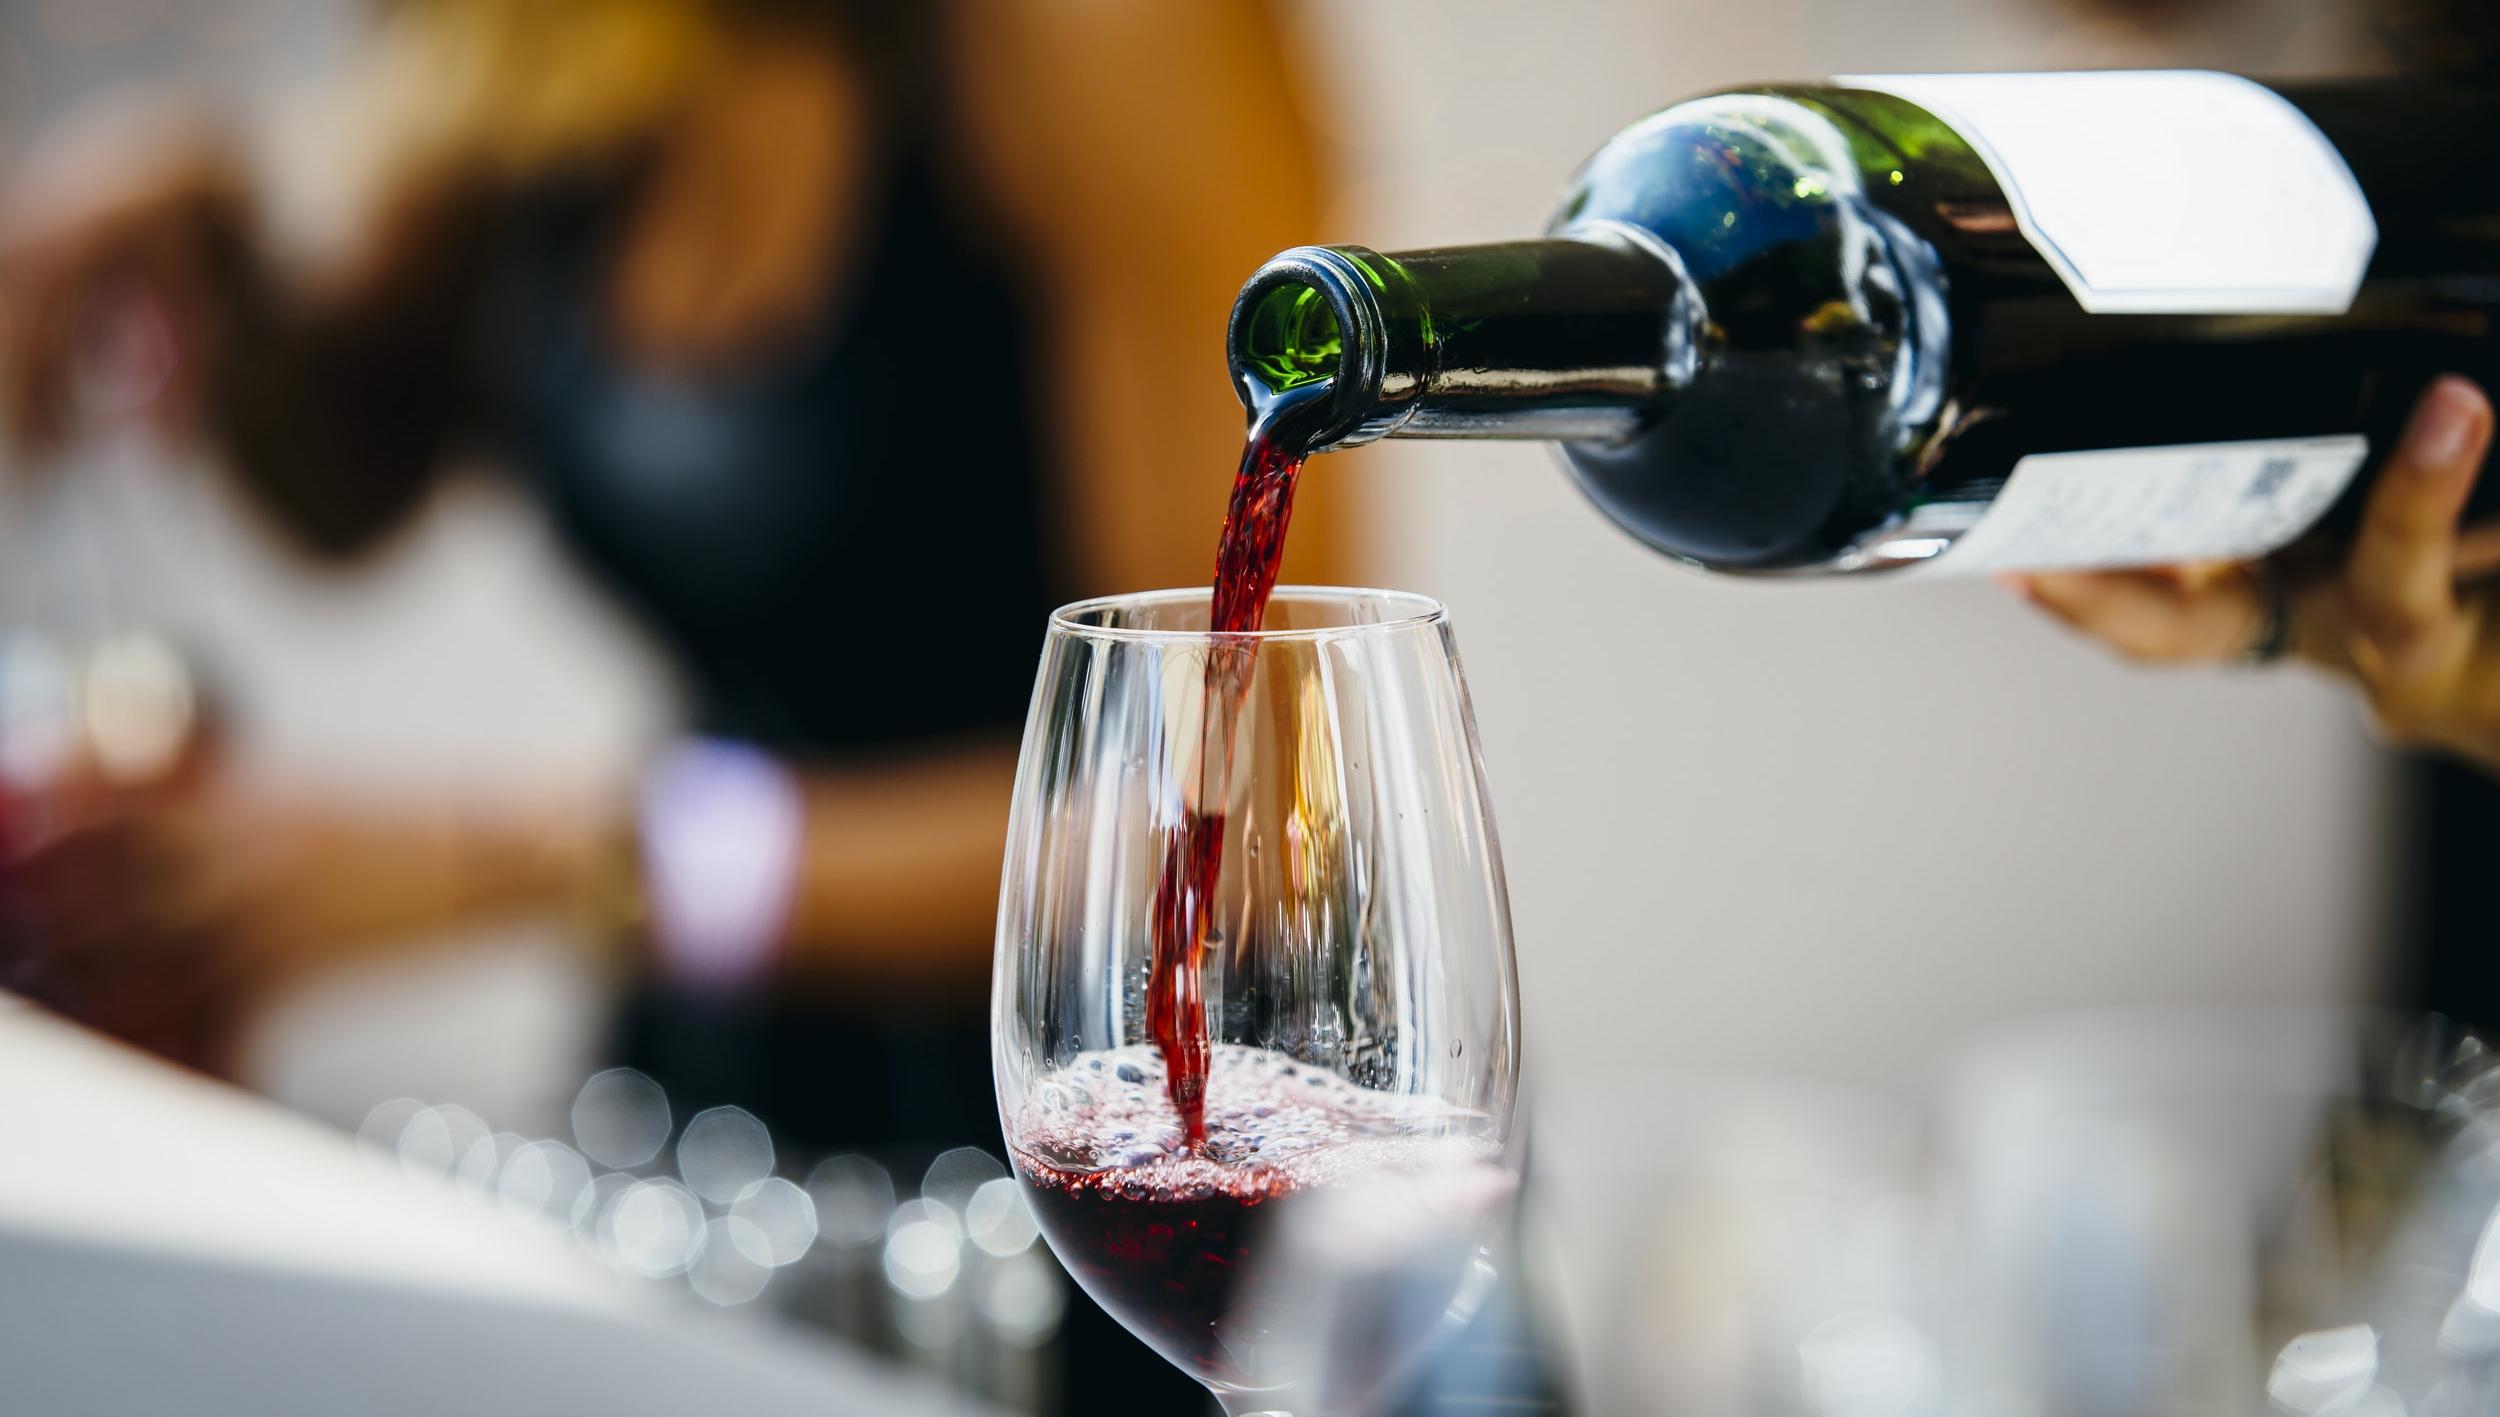 tasting-room-wine